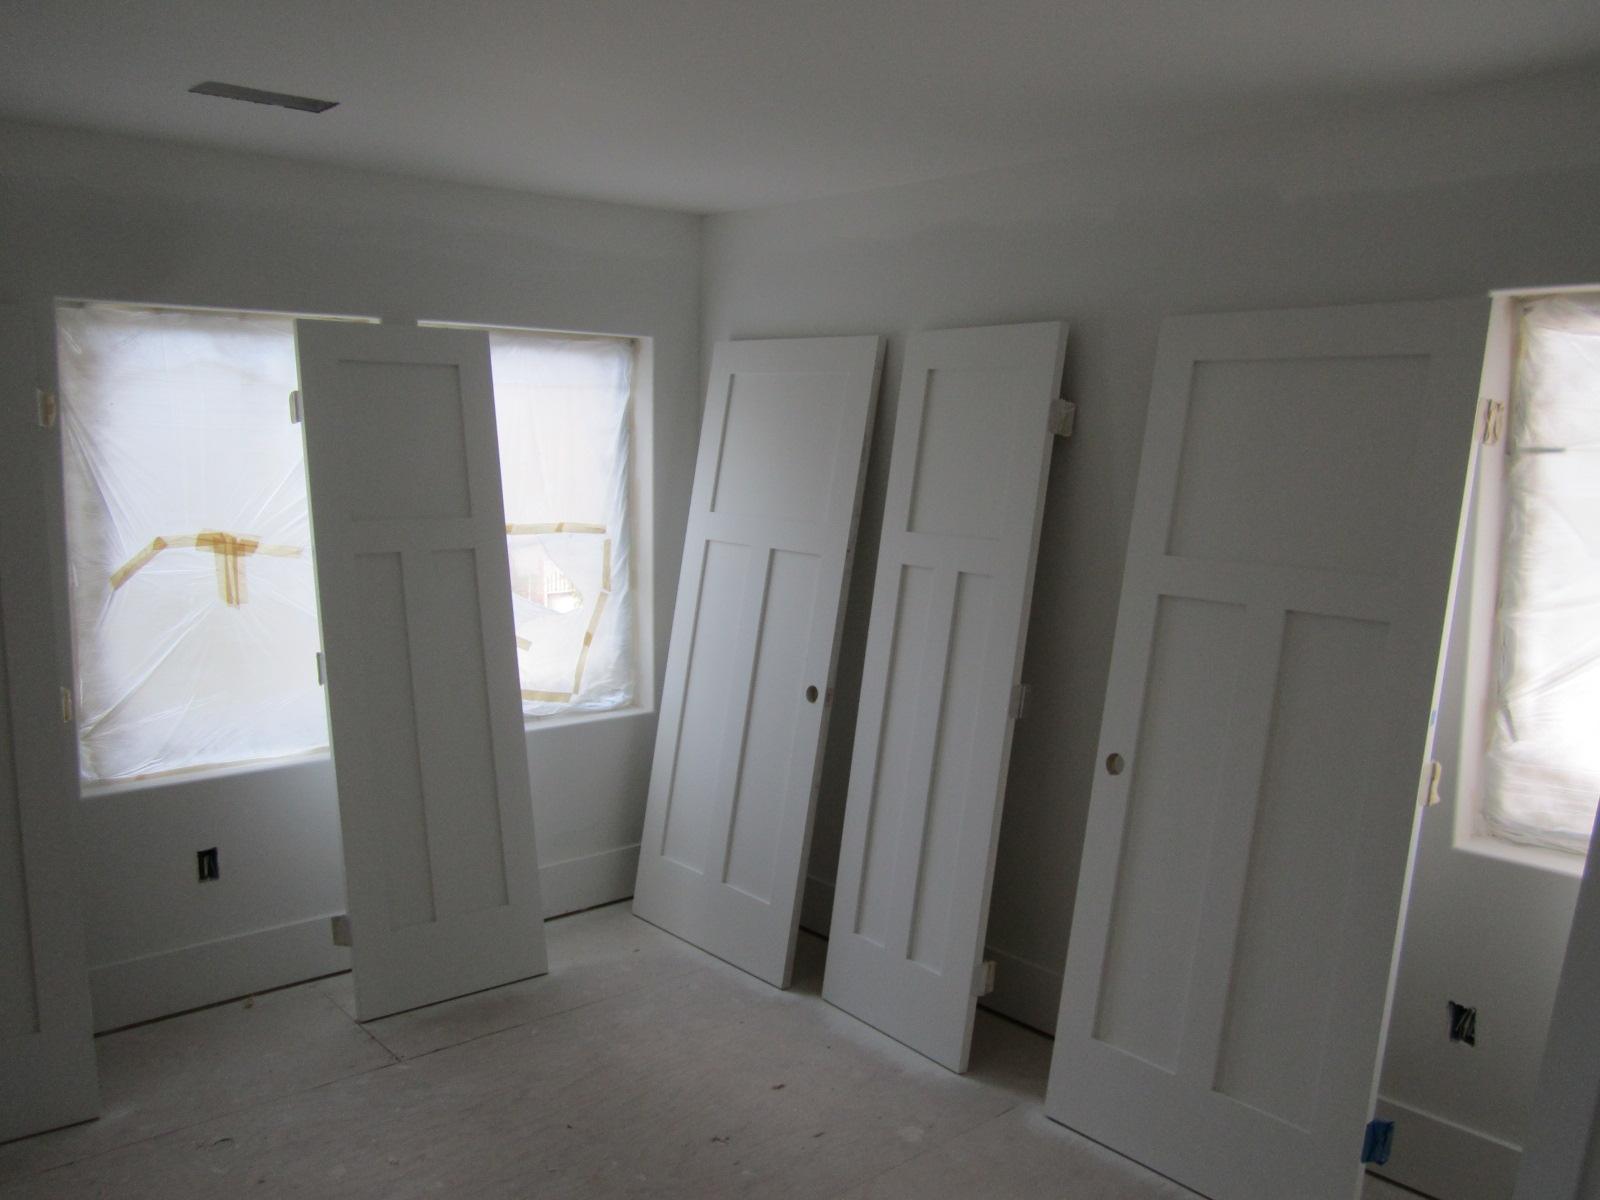 White interior doors 3 panel - Here